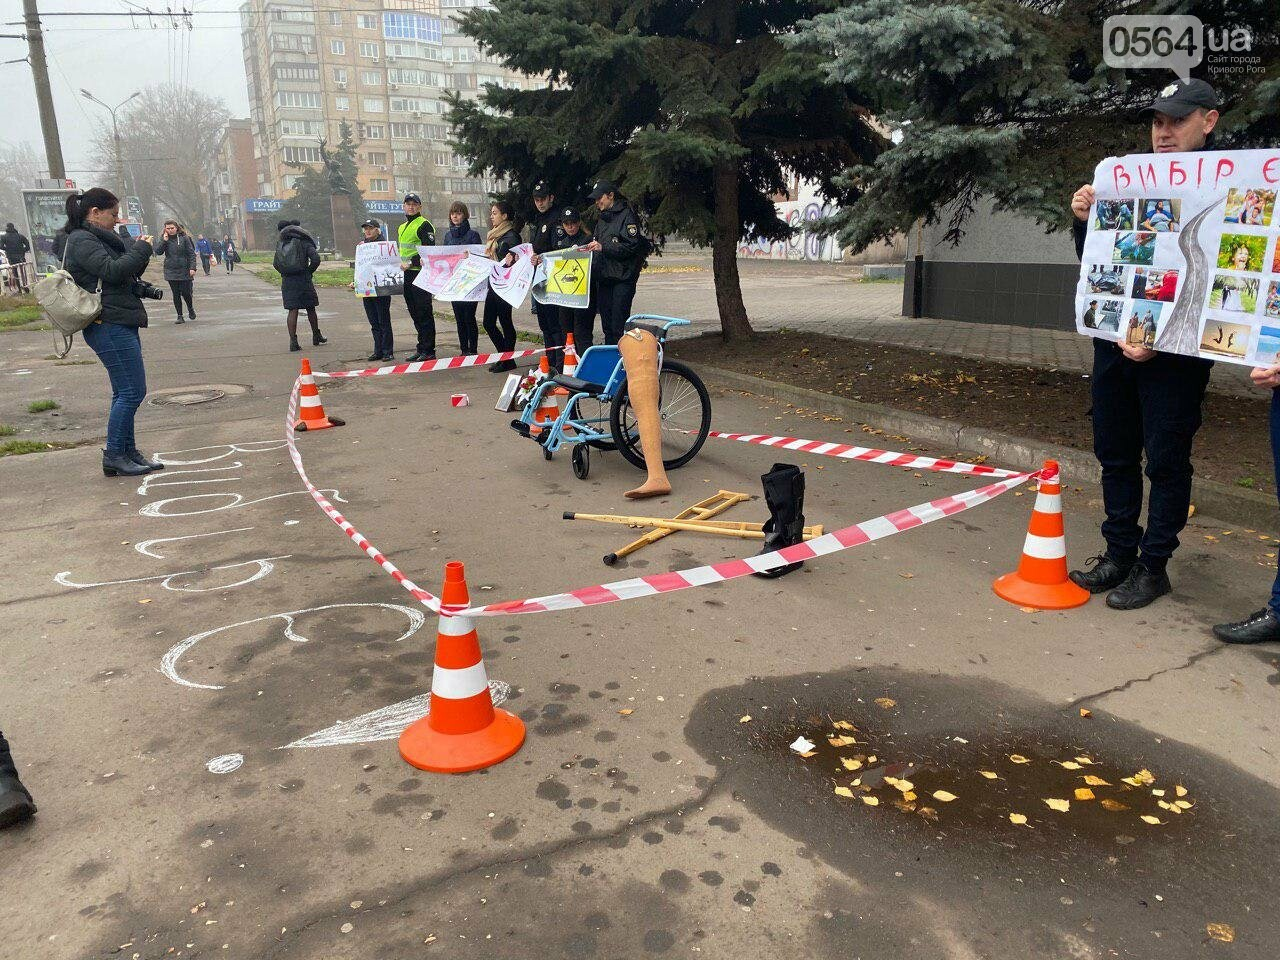 На центральном проспекте в Кривом Роге устроили молчаливый протест, - ФОТО, ВИДЕО, фото-21